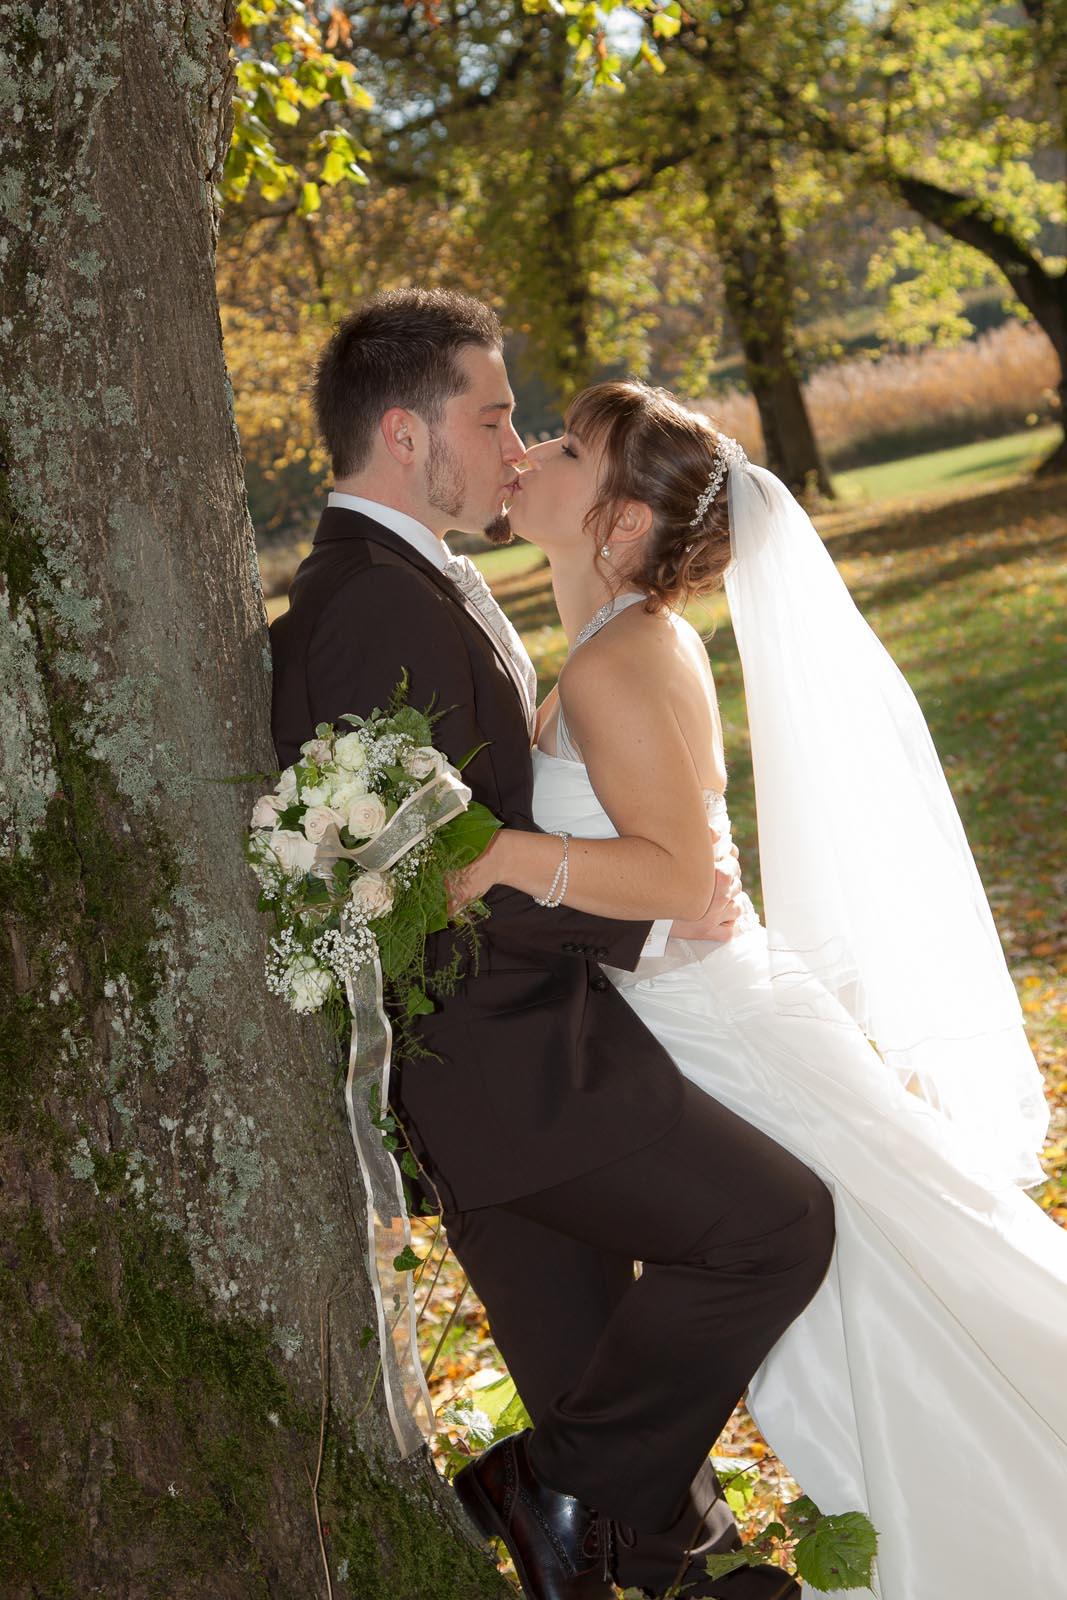 Hochzeit-Portrait-Kressierer-Hochzeit-Kressierer-2870.jpg